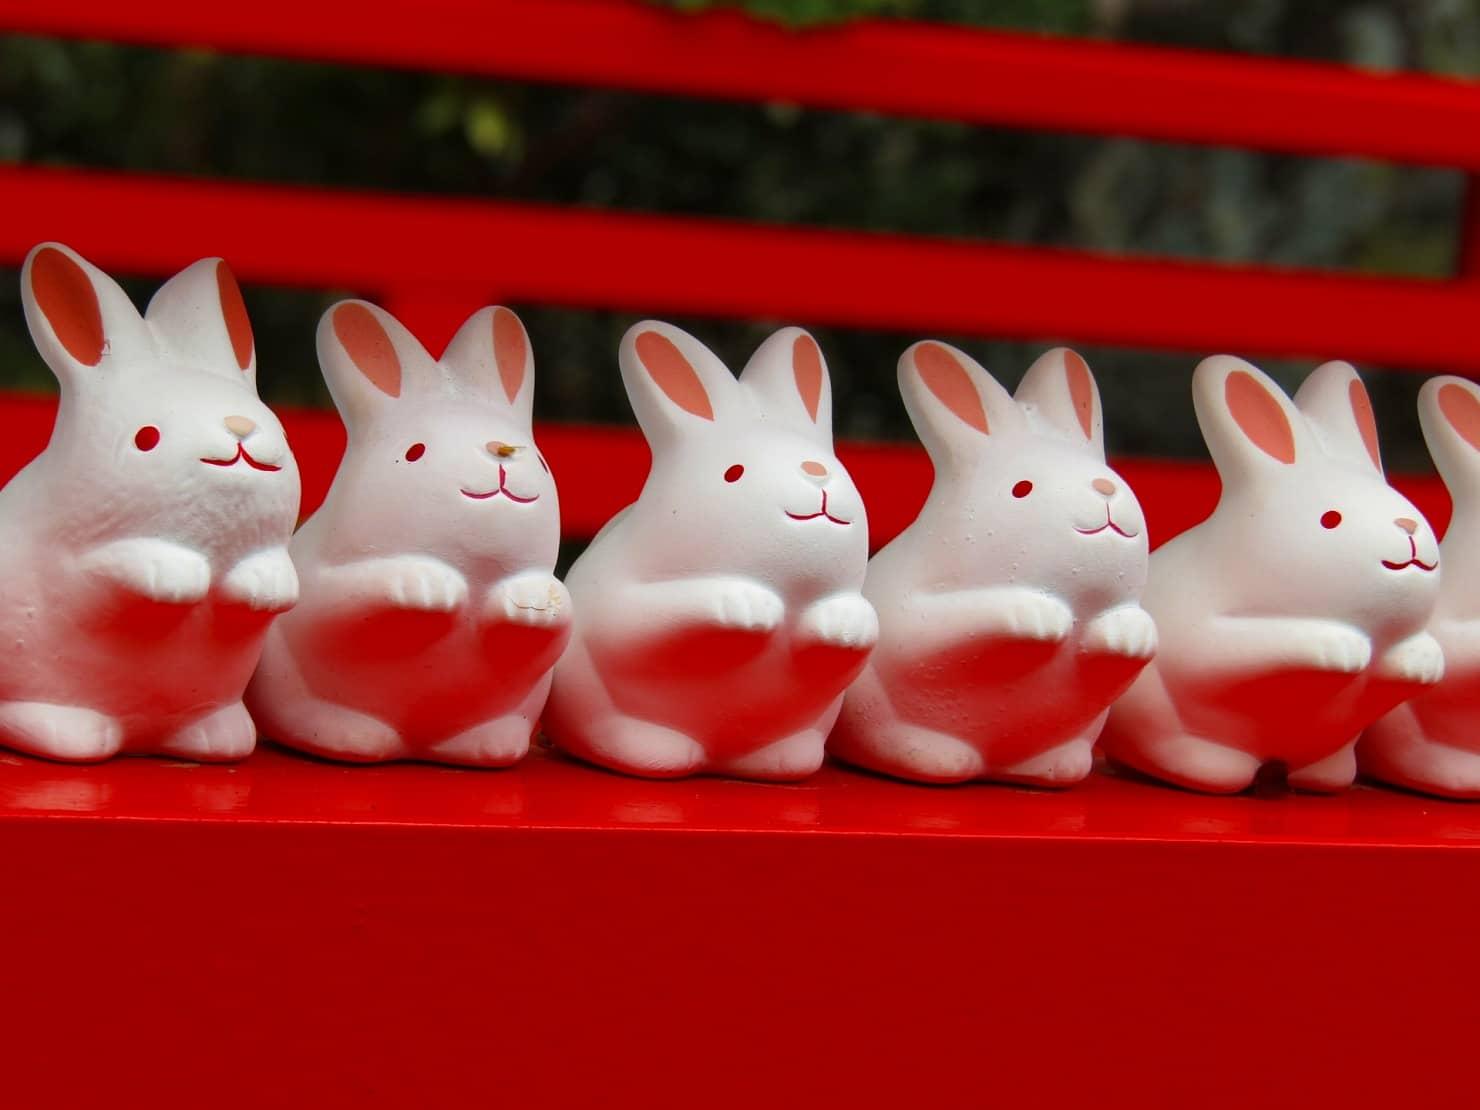 京都で人気の子宝神社、子授け寺はどこ? どうしてうさぎを祀る神社が子宝神社として人気なの?